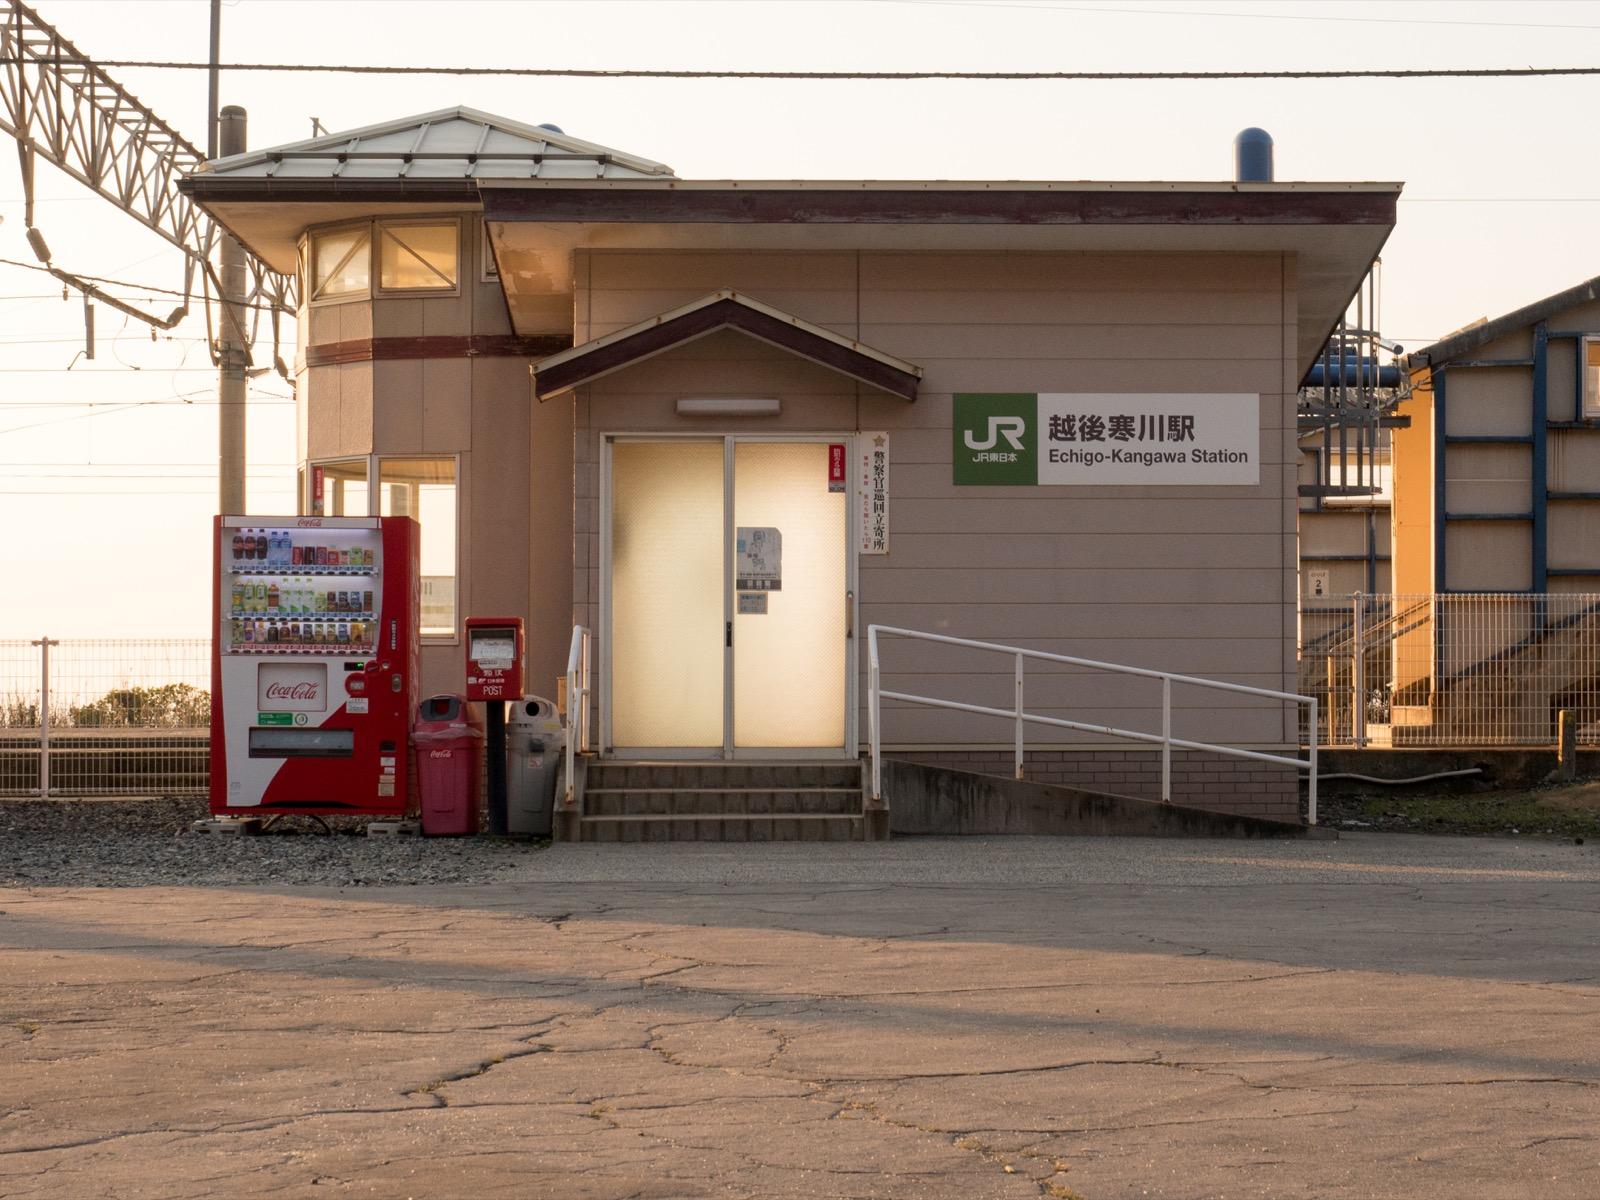 越後寒川駅の駅舎